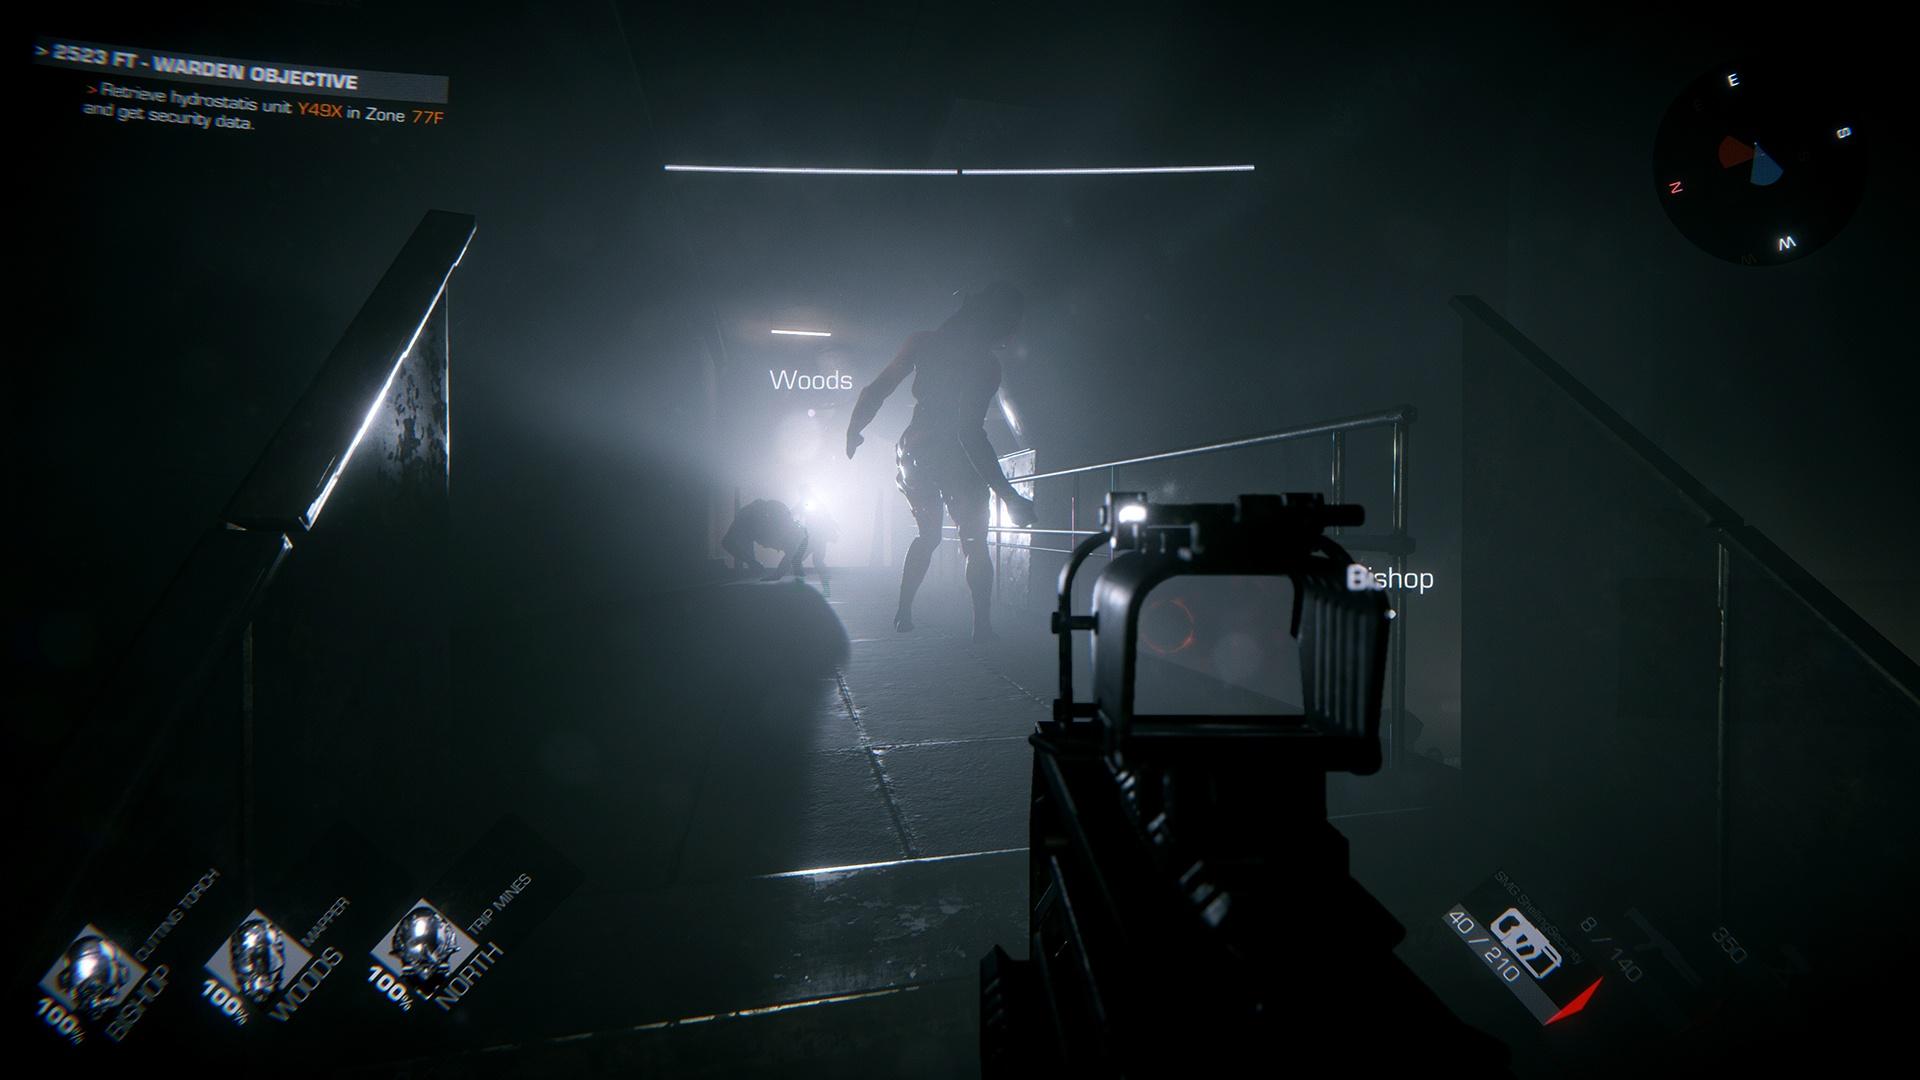 В новом трейлере шутера GTFO показали высадку в пещеры с монстрами